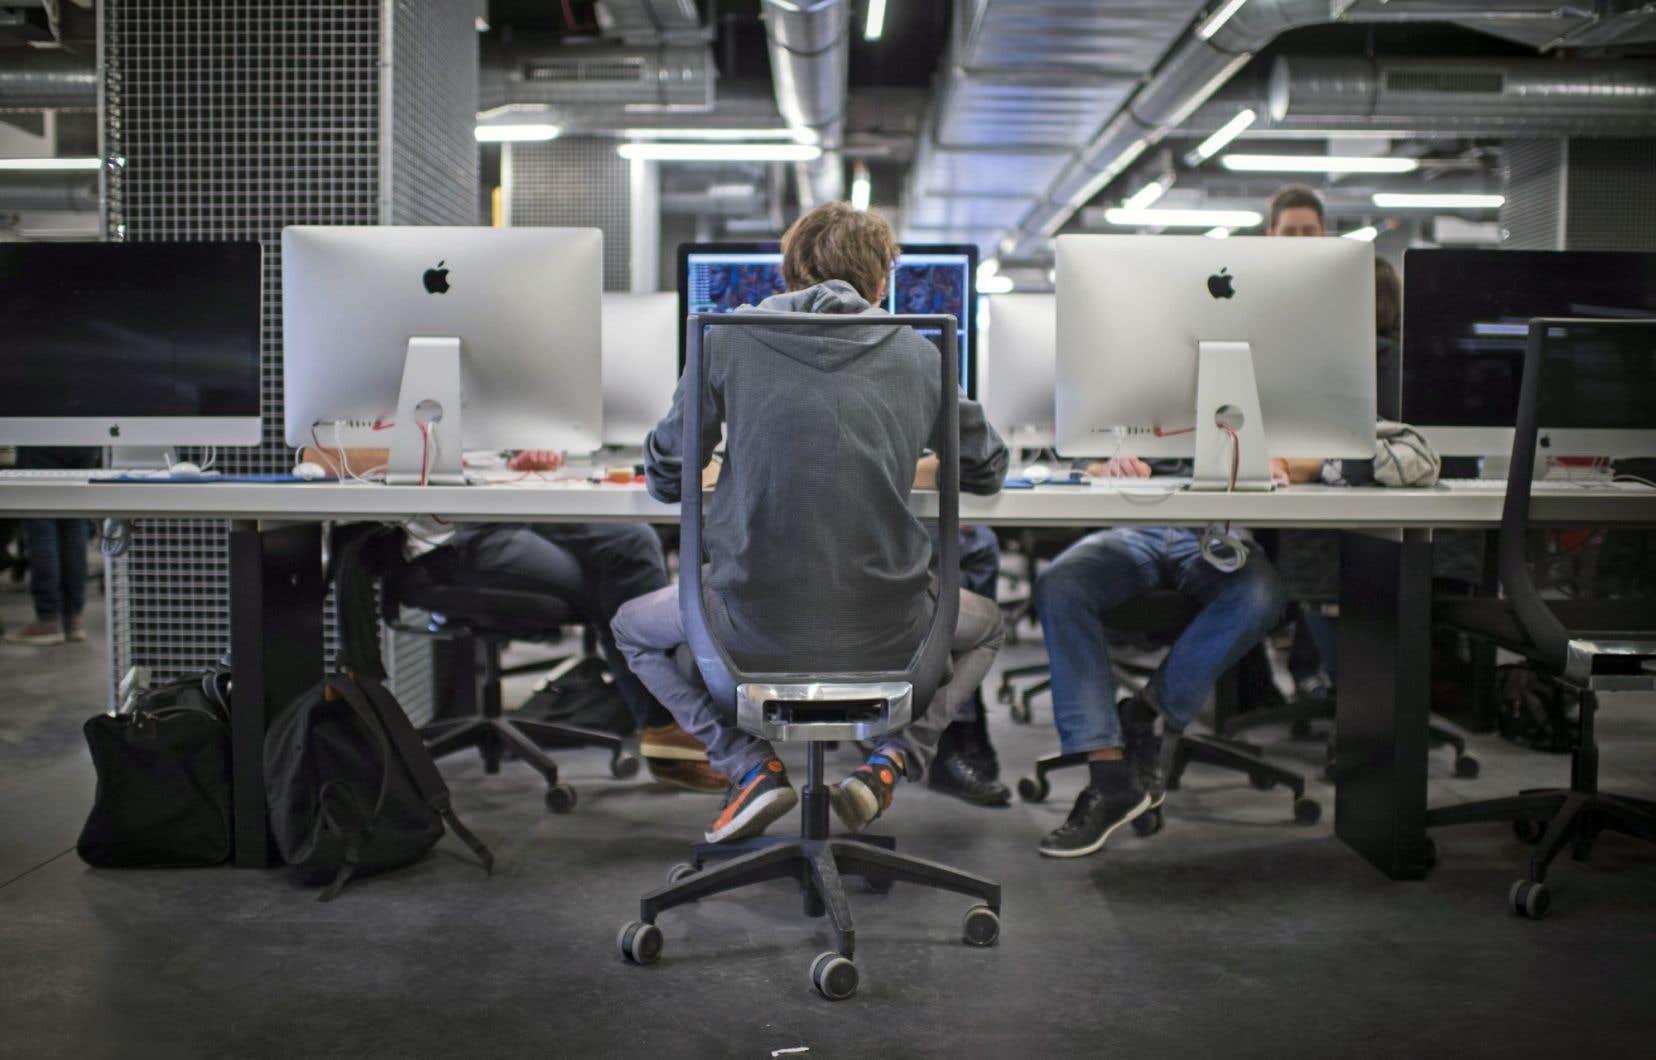 Le MEES se met à surveiller ce que l'on retrouve sur Internet afin d'éviter d'éventuelles tricheries.